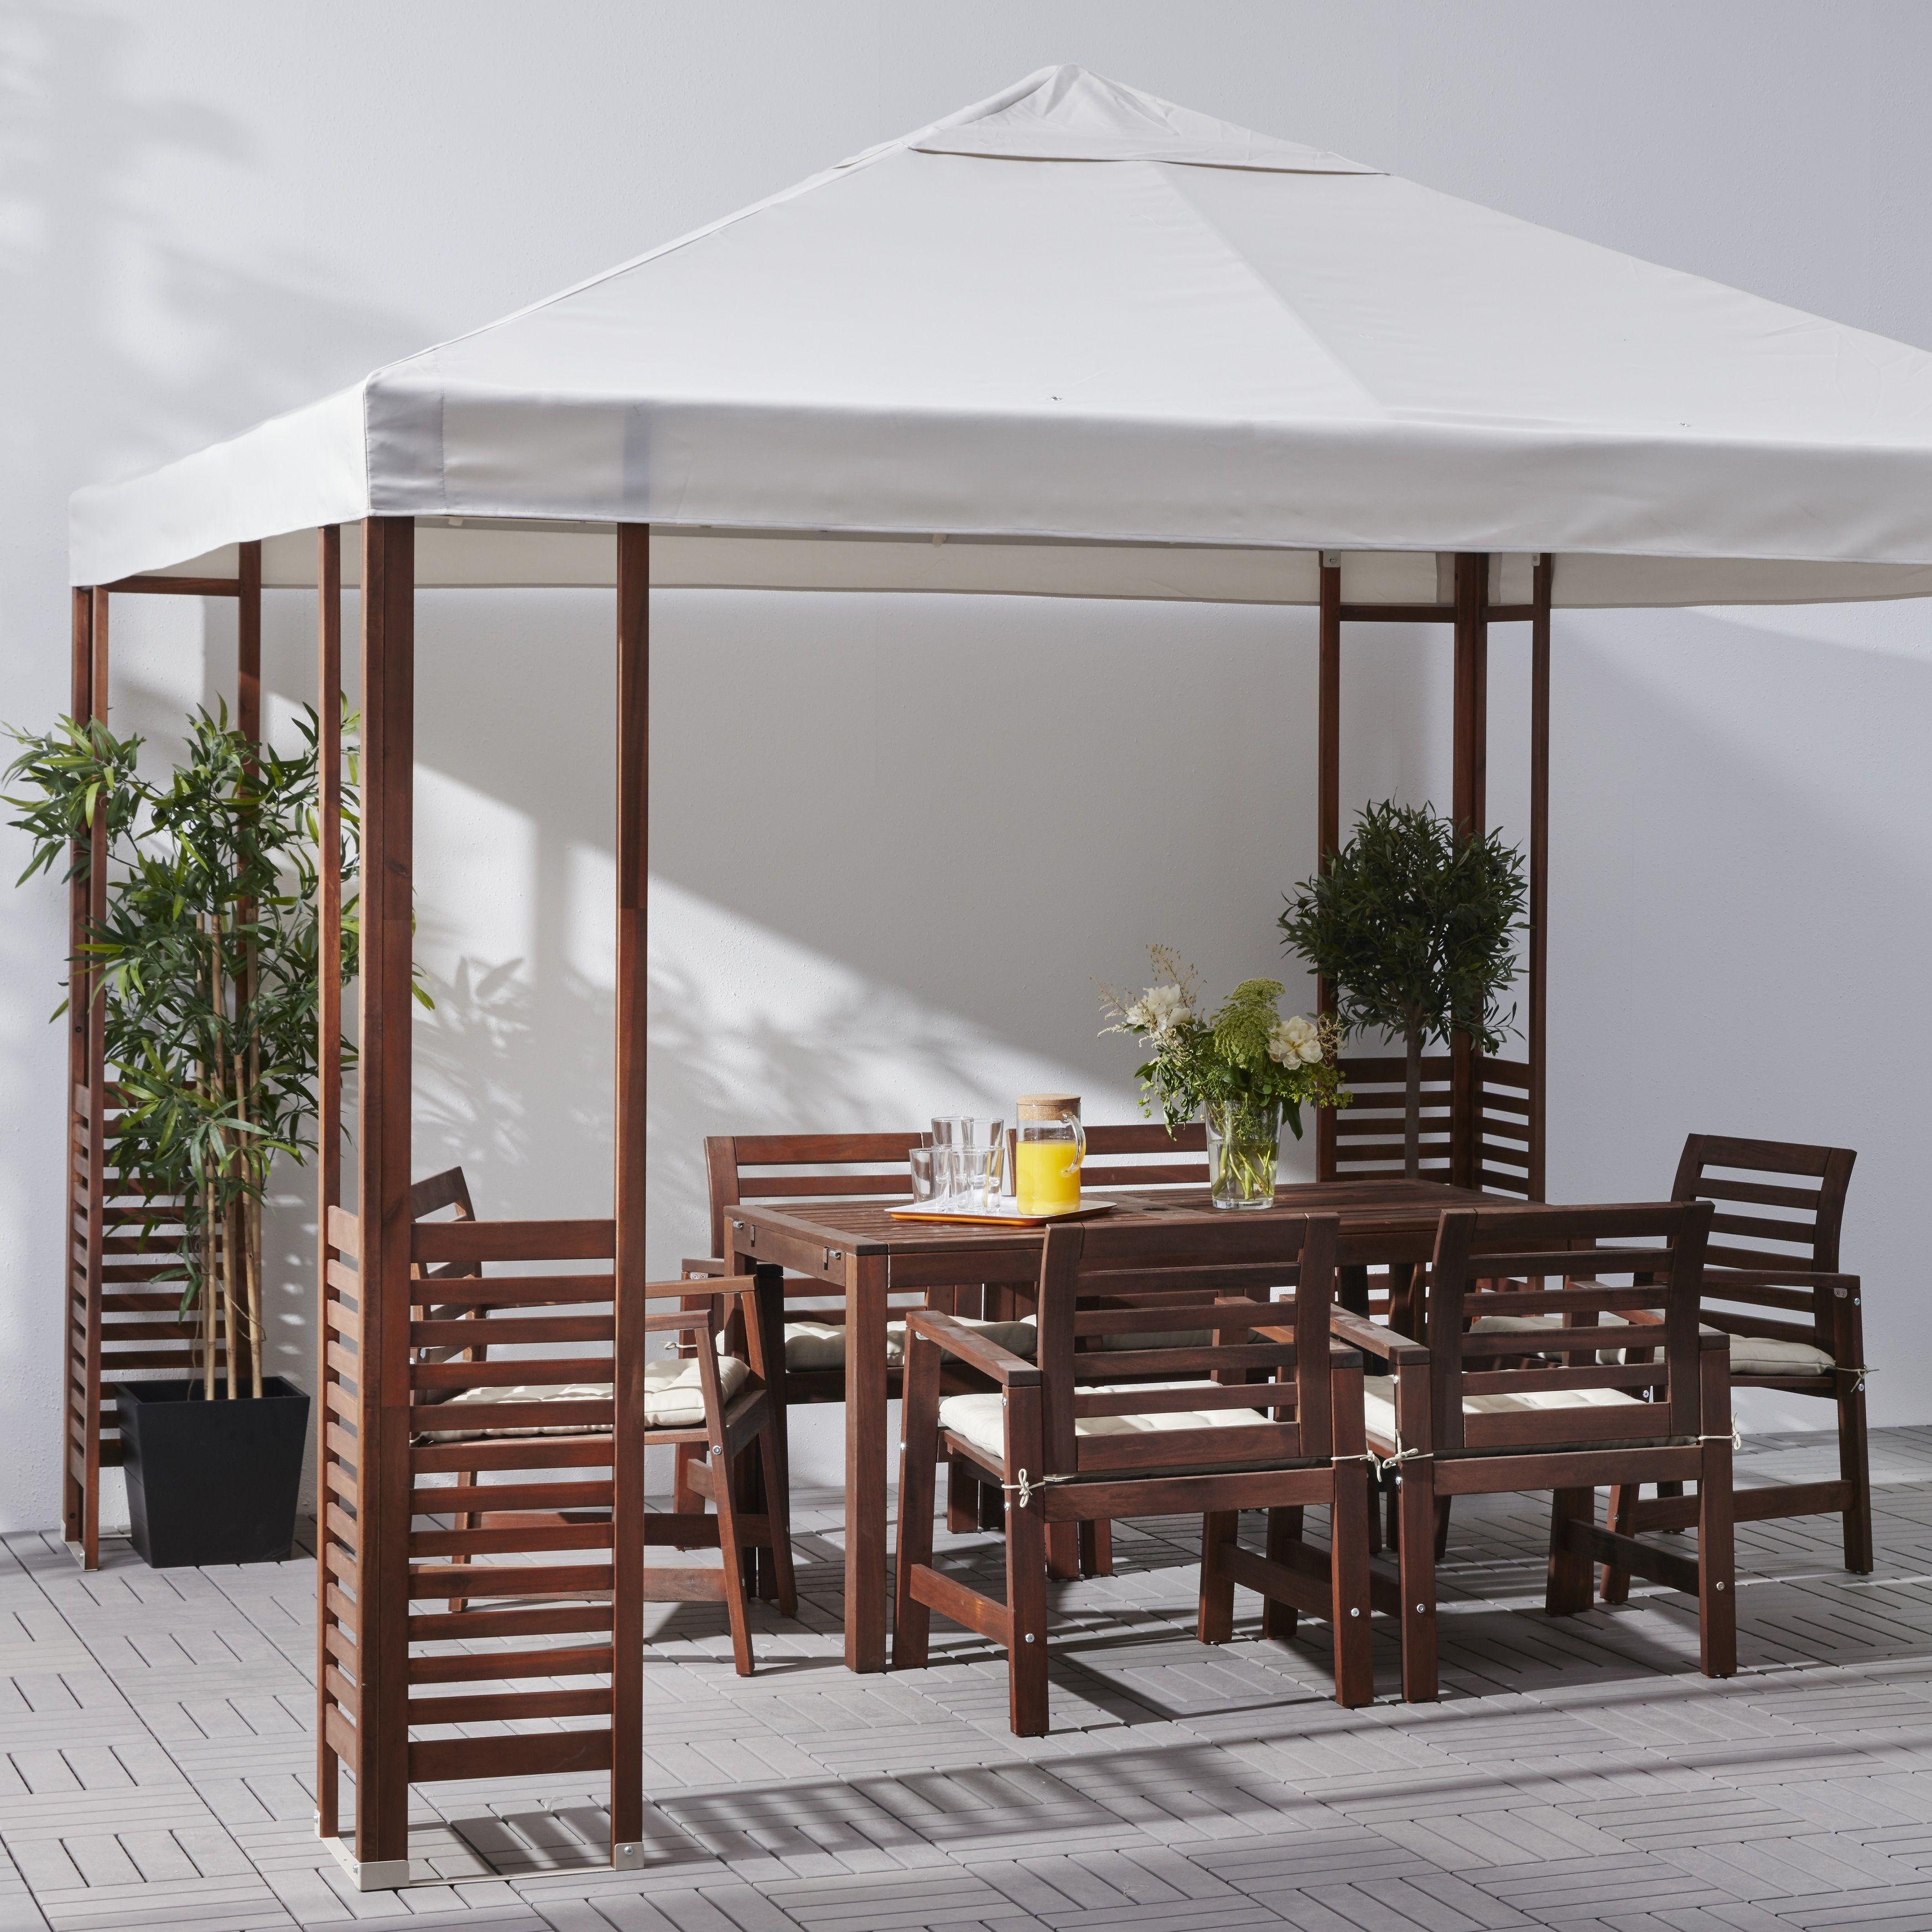 Serwis Tymczasowo Niedostepny Buy Home Furniture Best Outdoor Furniture Ikea Applaro [ 3492 x 3492 Pixel ]